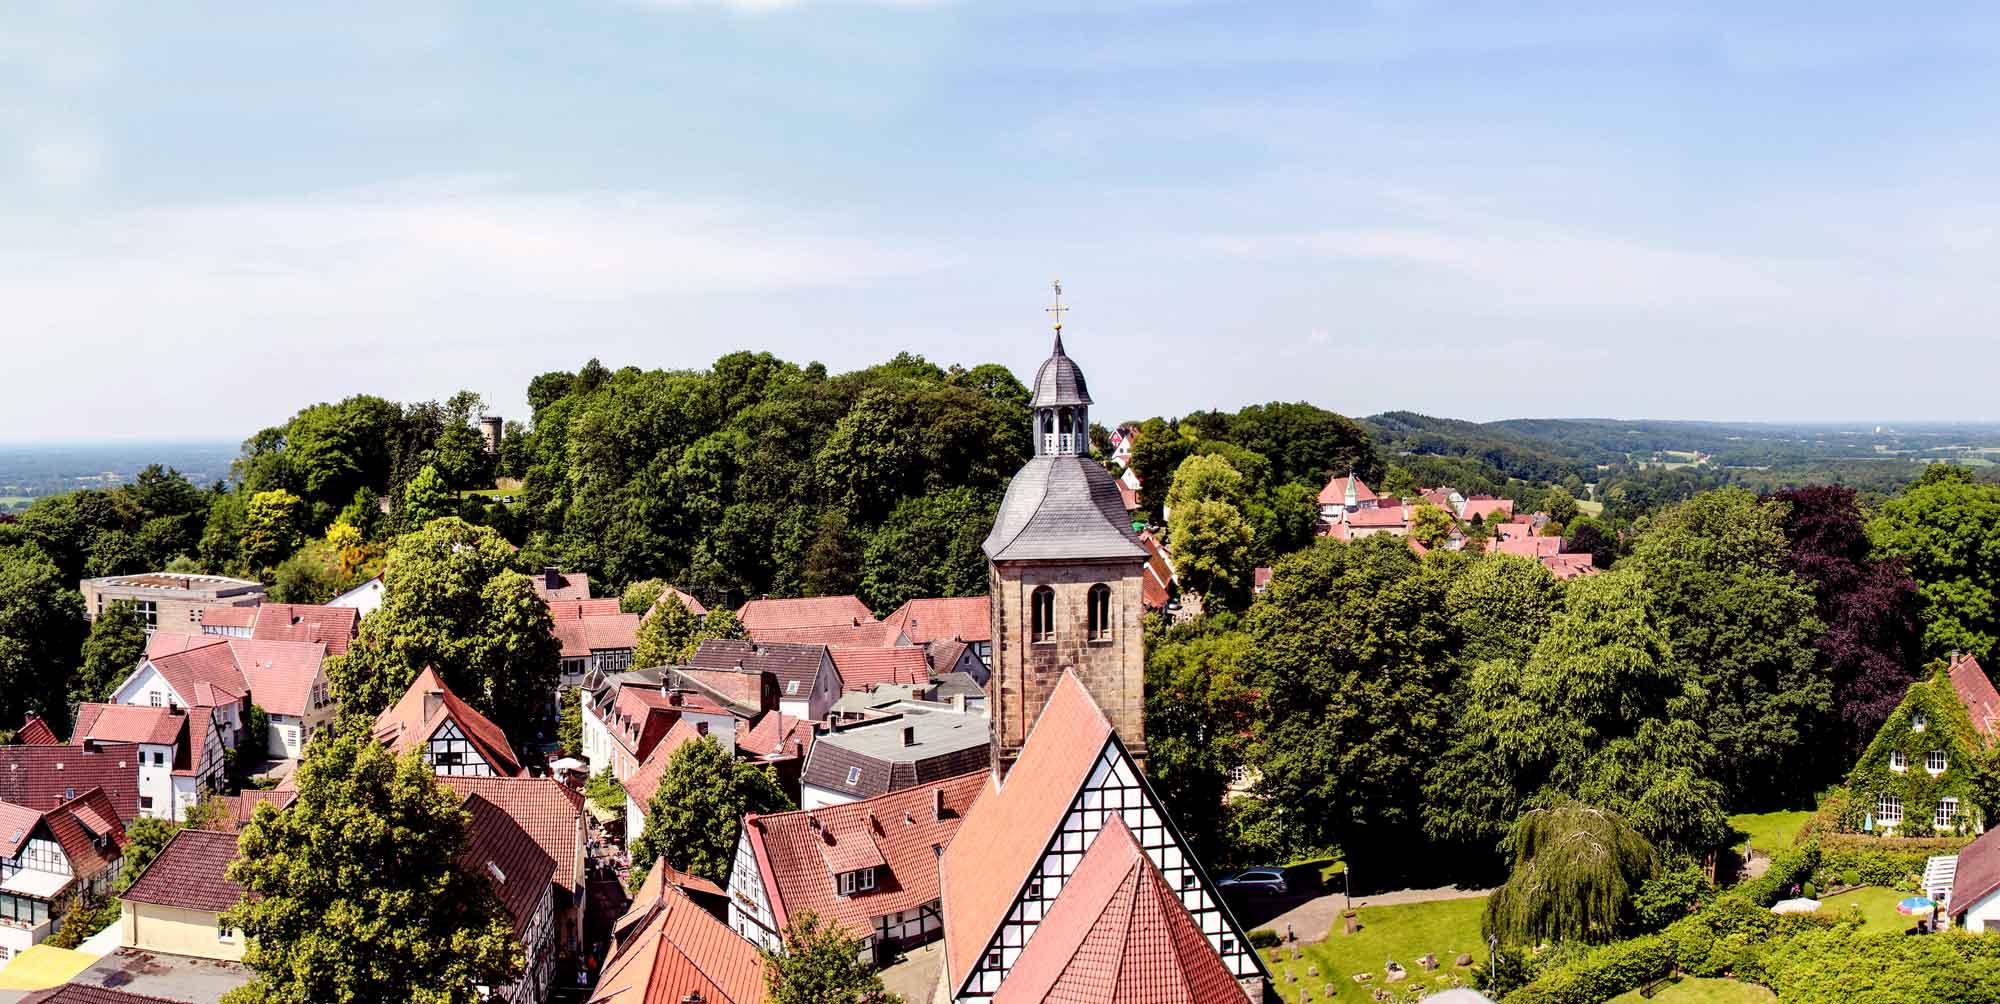 Malerische Weitsicht über Tecklenburg © Heiner Schäffer